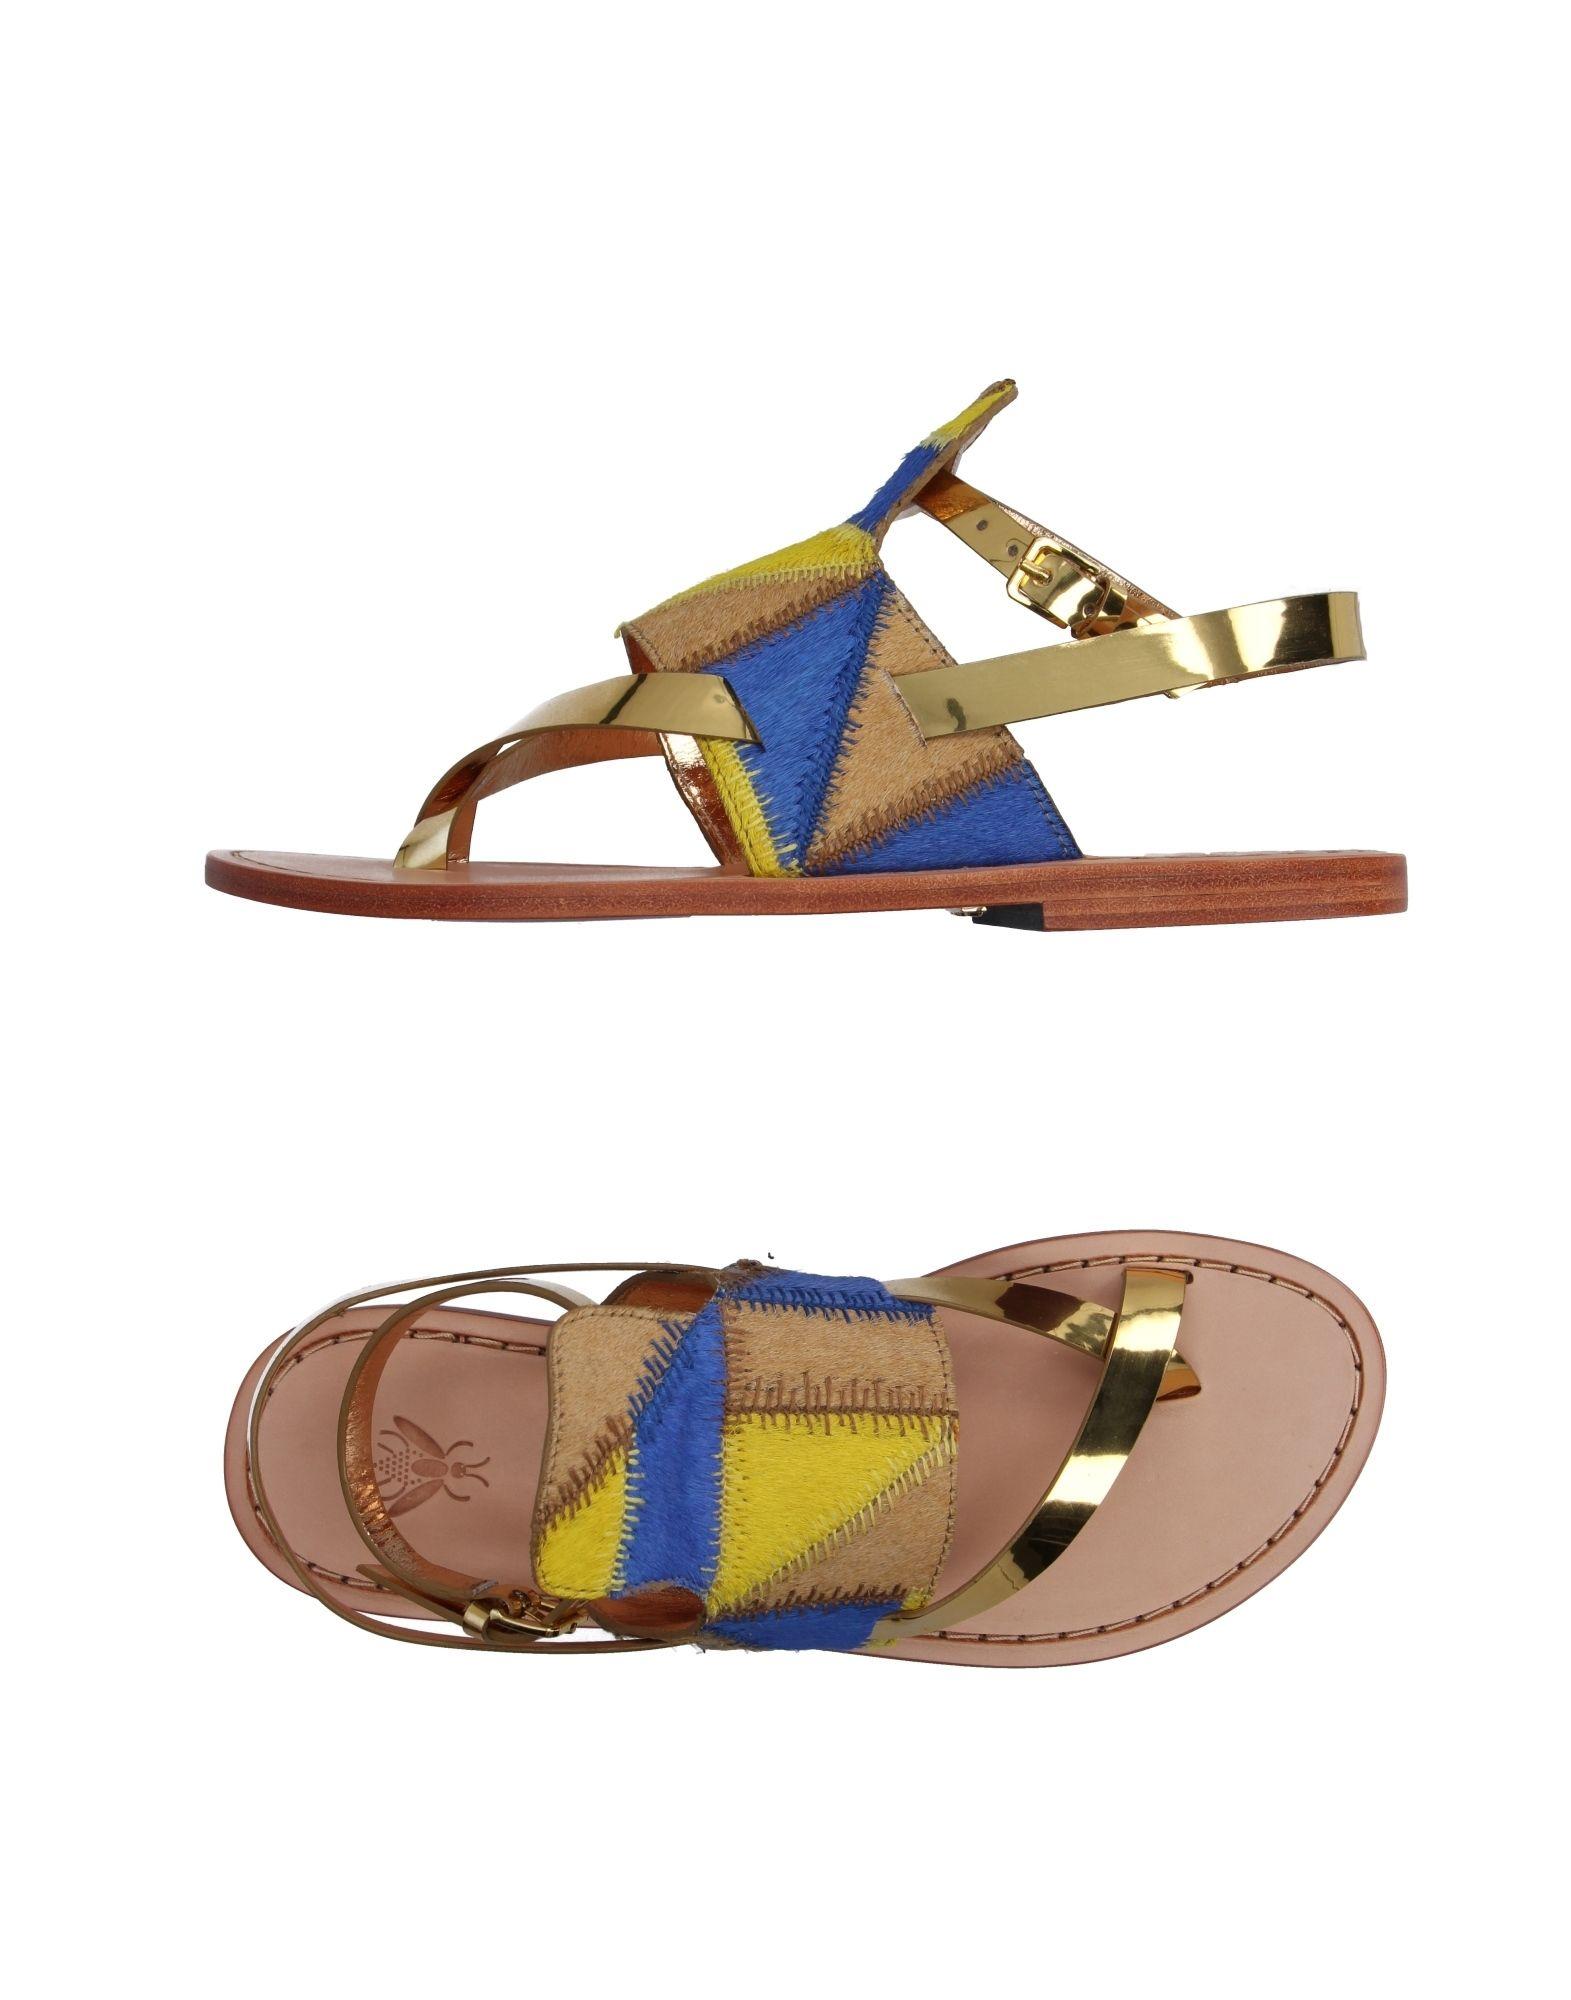 SANCHITA Flip Flops in Blue